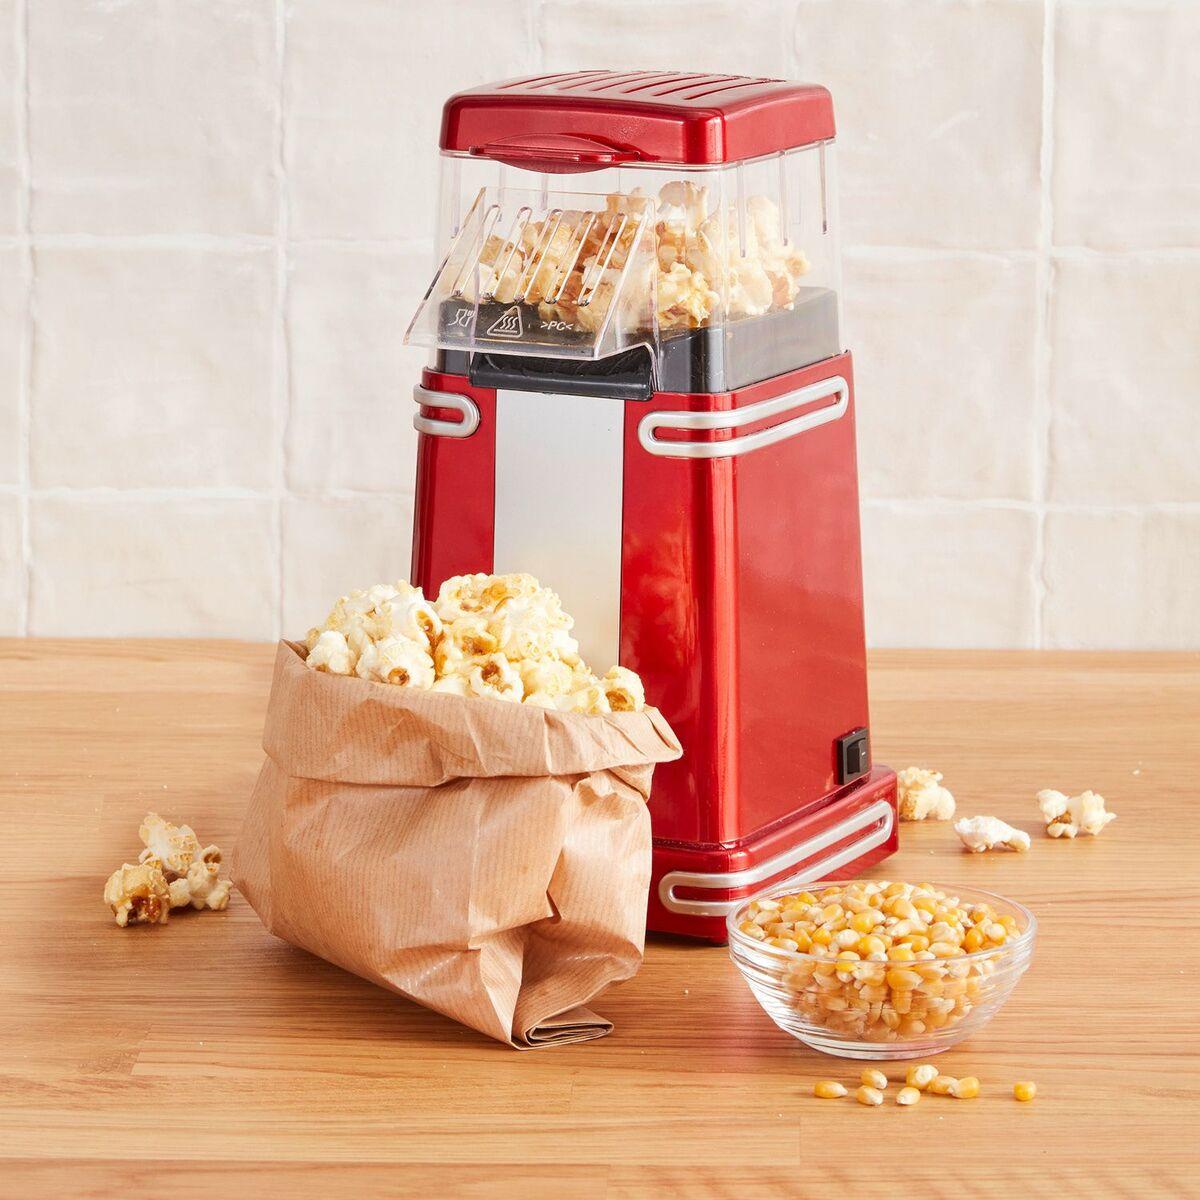 Bild 4 von AMBIANO Popcorn-Maschine/Zuckerwatte-Maschine/Schokobrunnen